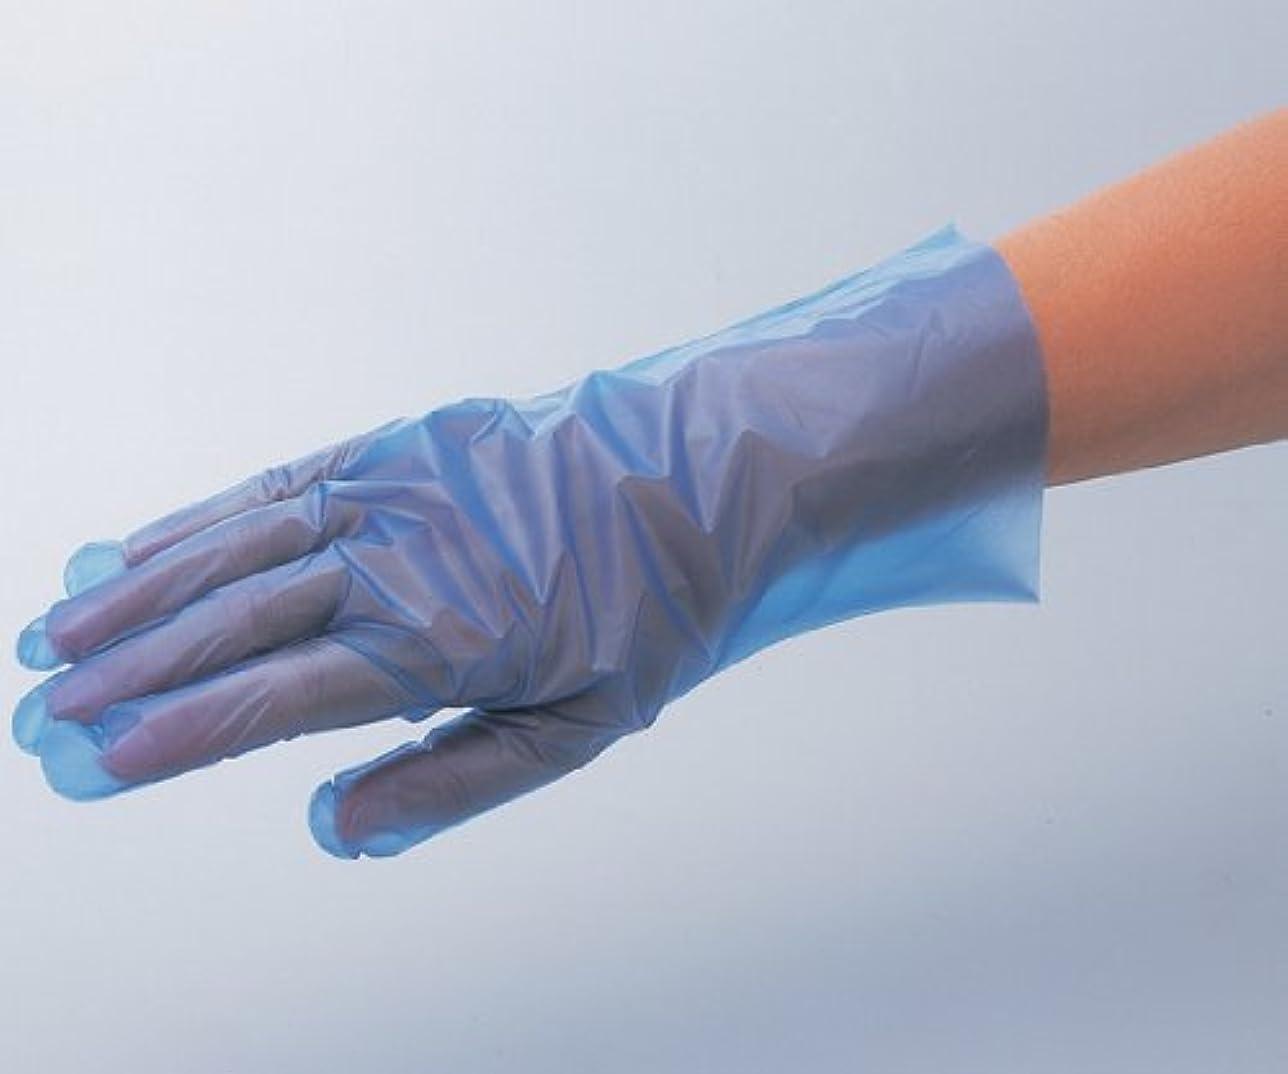 寝室を掃除するタイムリーなミンチアズワン6-9730-56サニーノール手袋エコロジーケース販売6000枚入Sブルー